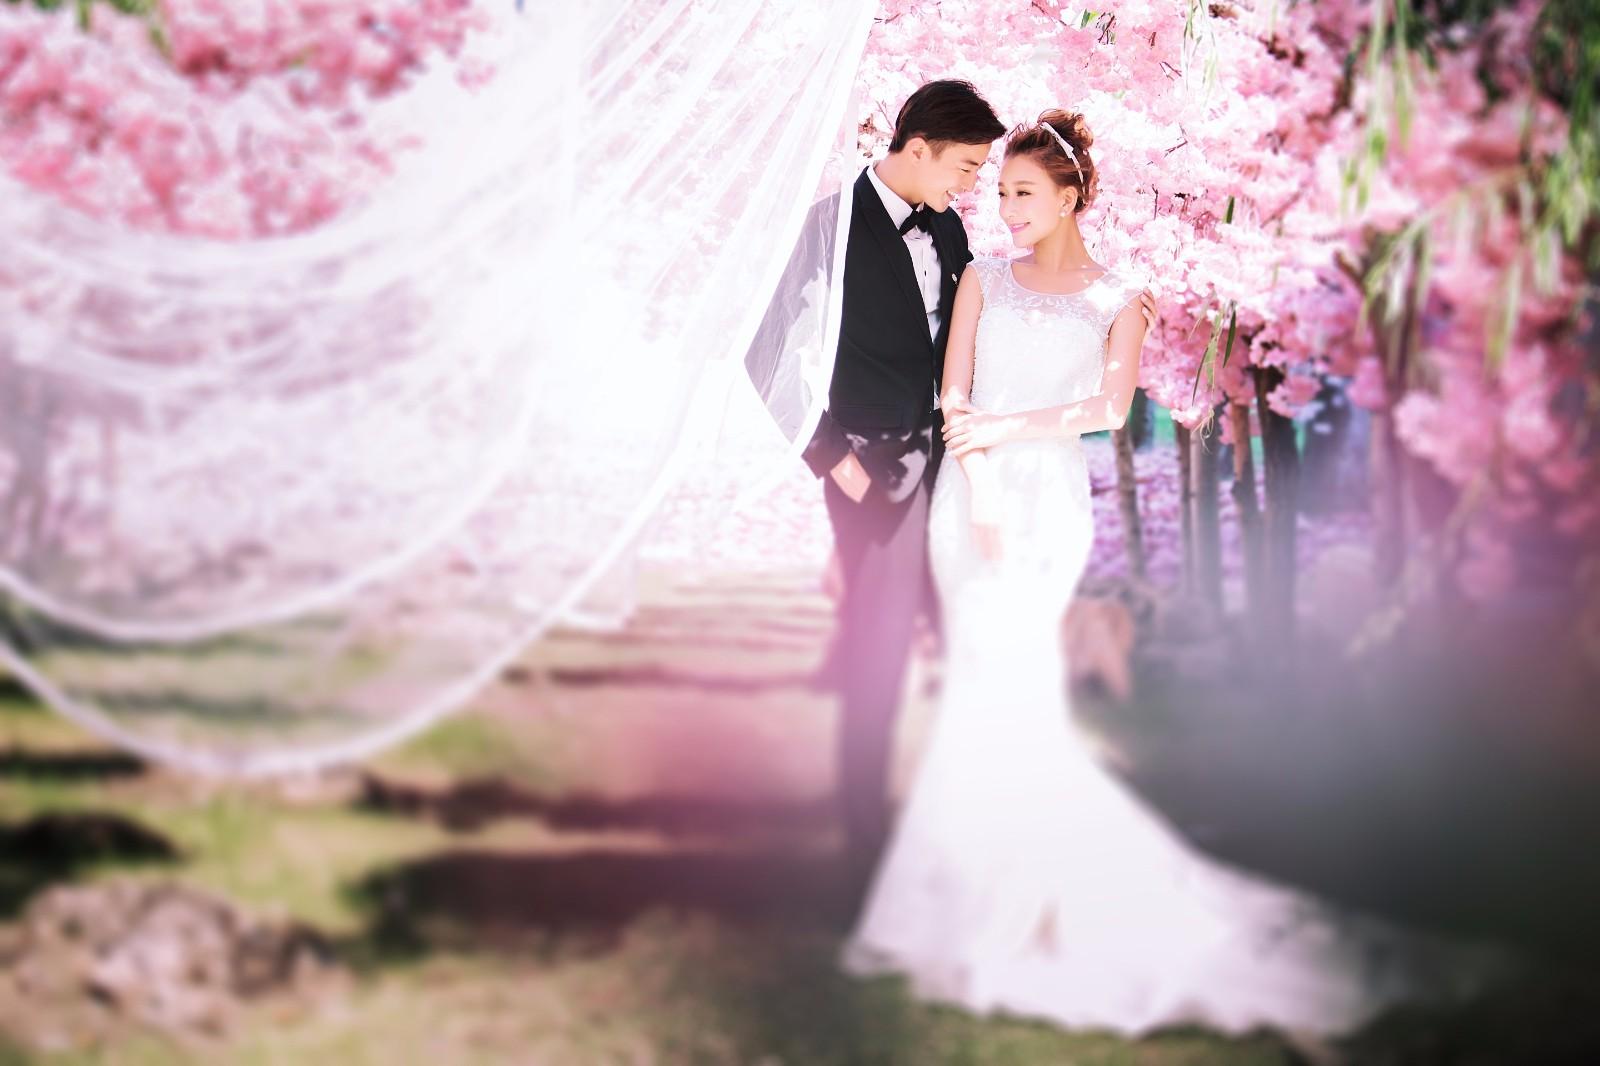 结婚对戒在购买时,我们应该注意一些什么